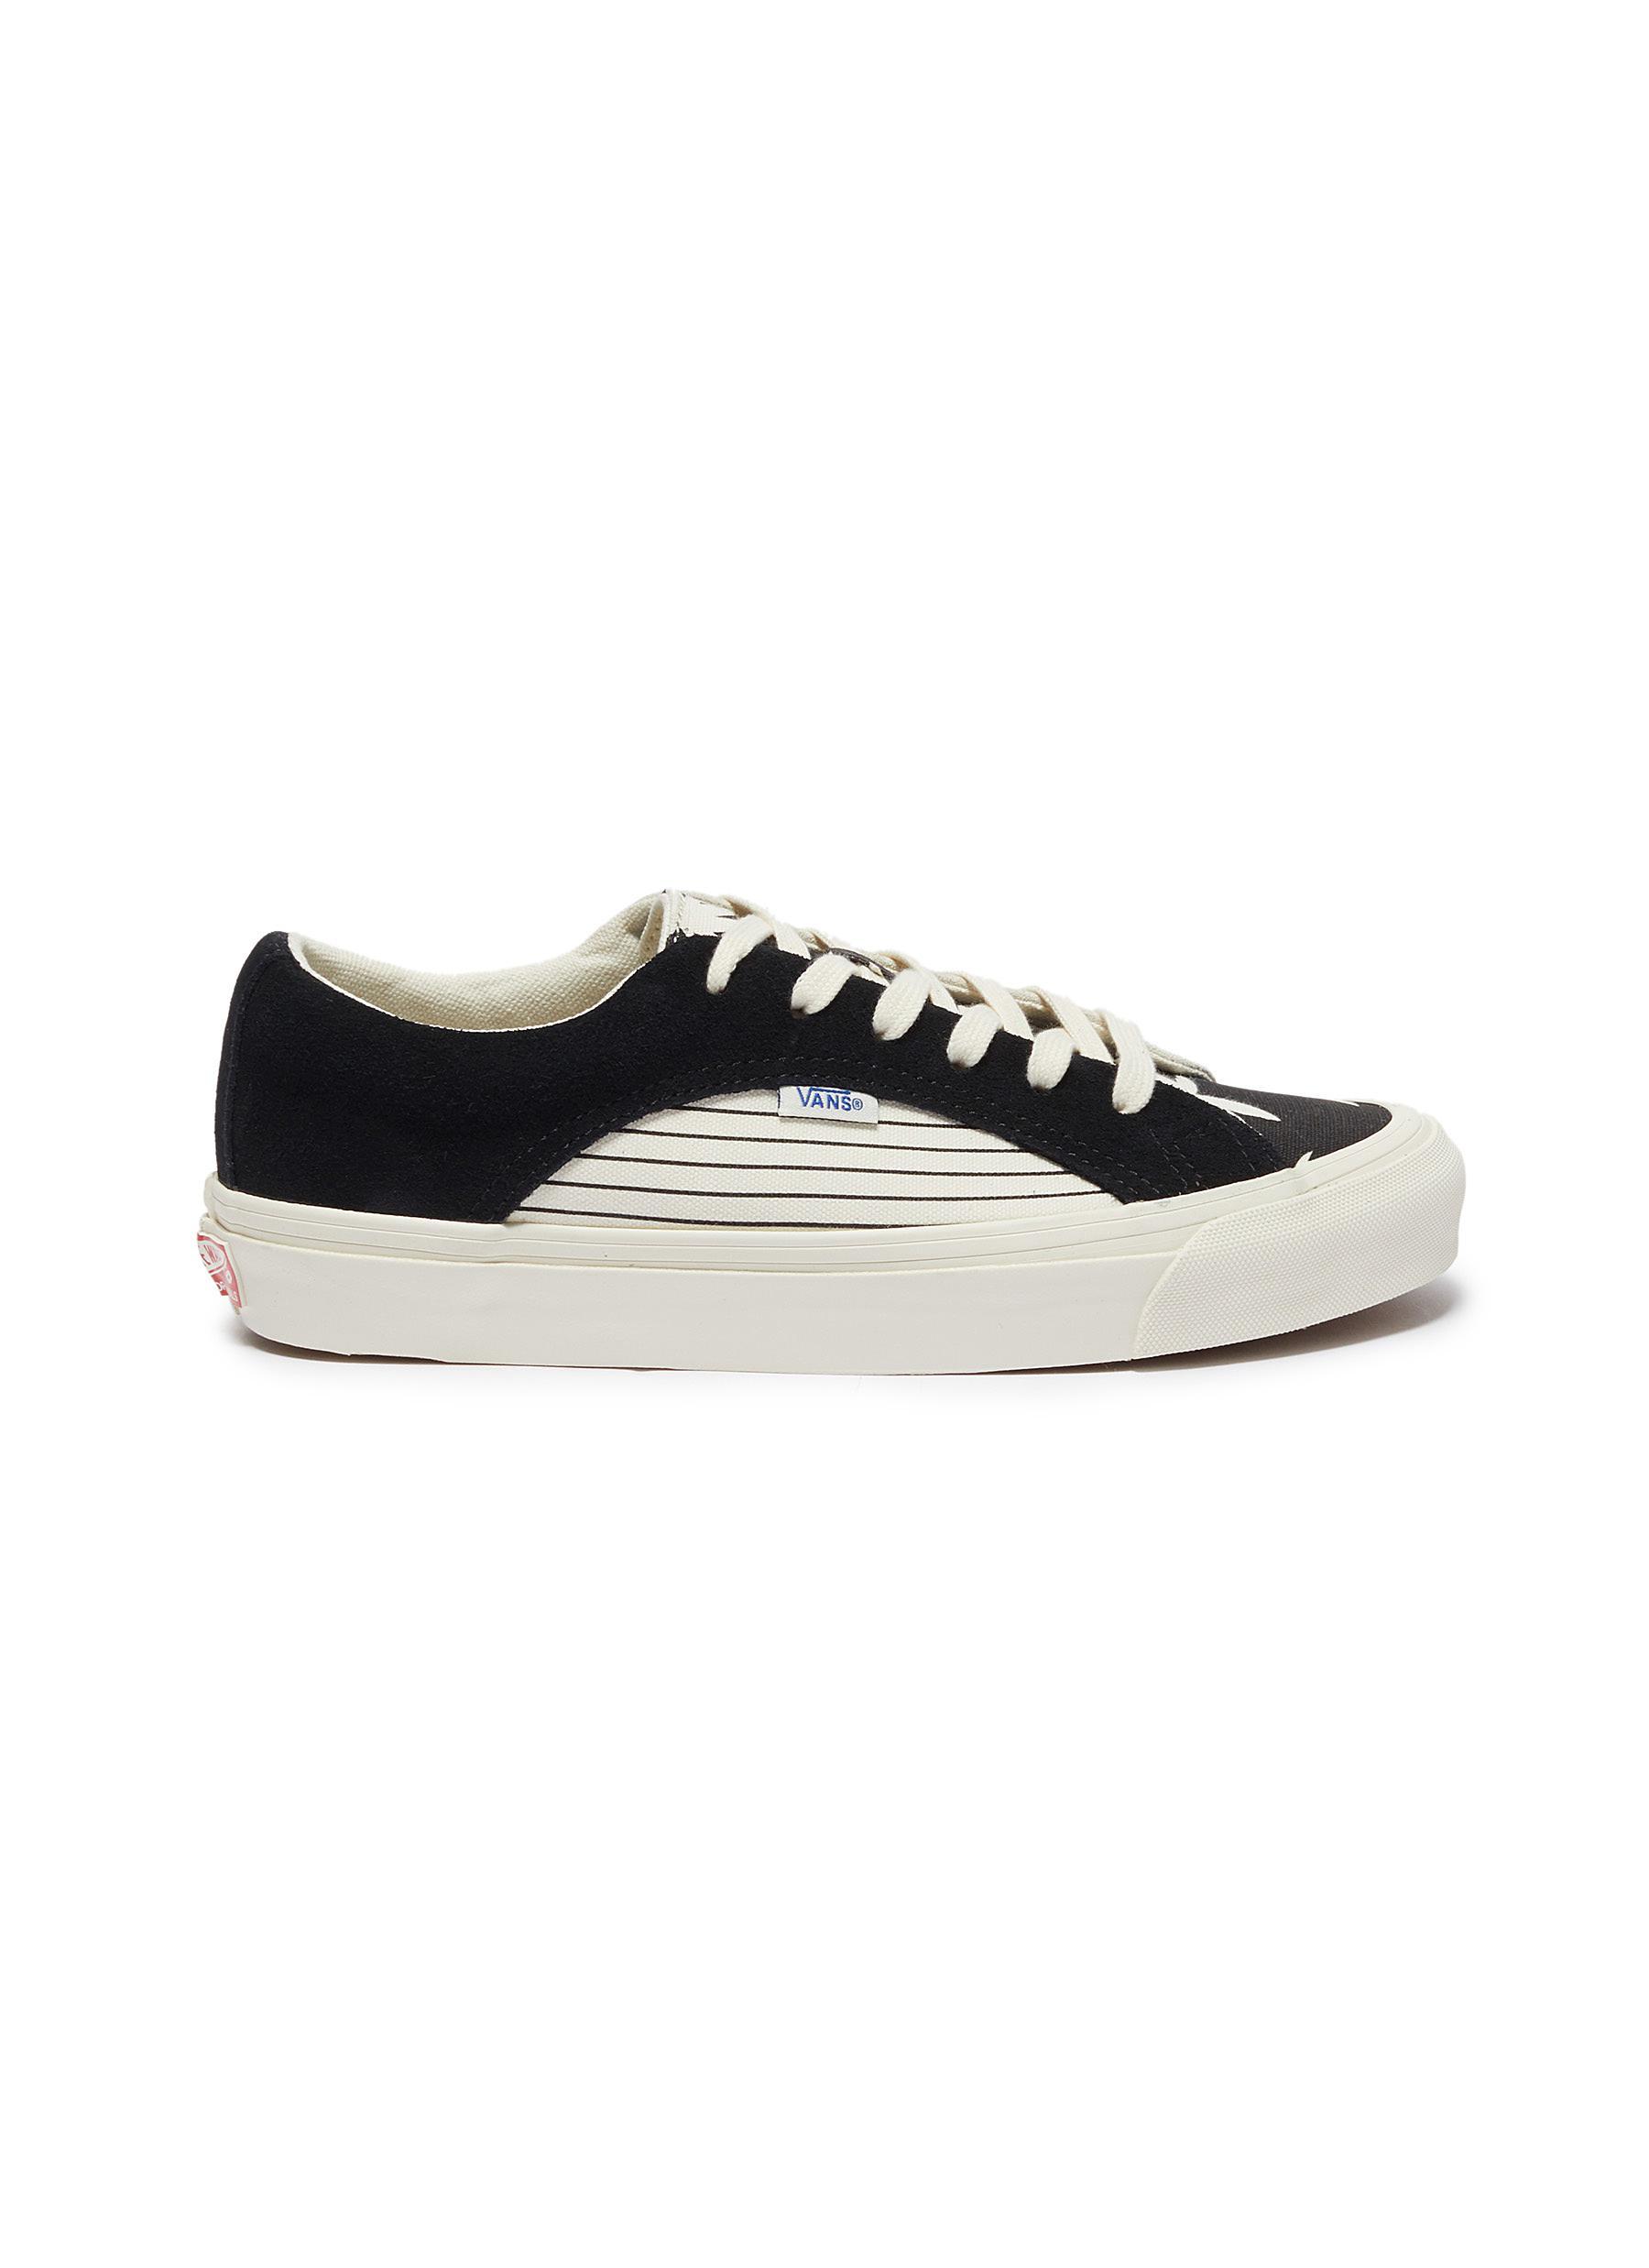 Vans Sneakers OG Lampin LX unisex canvas sneakers